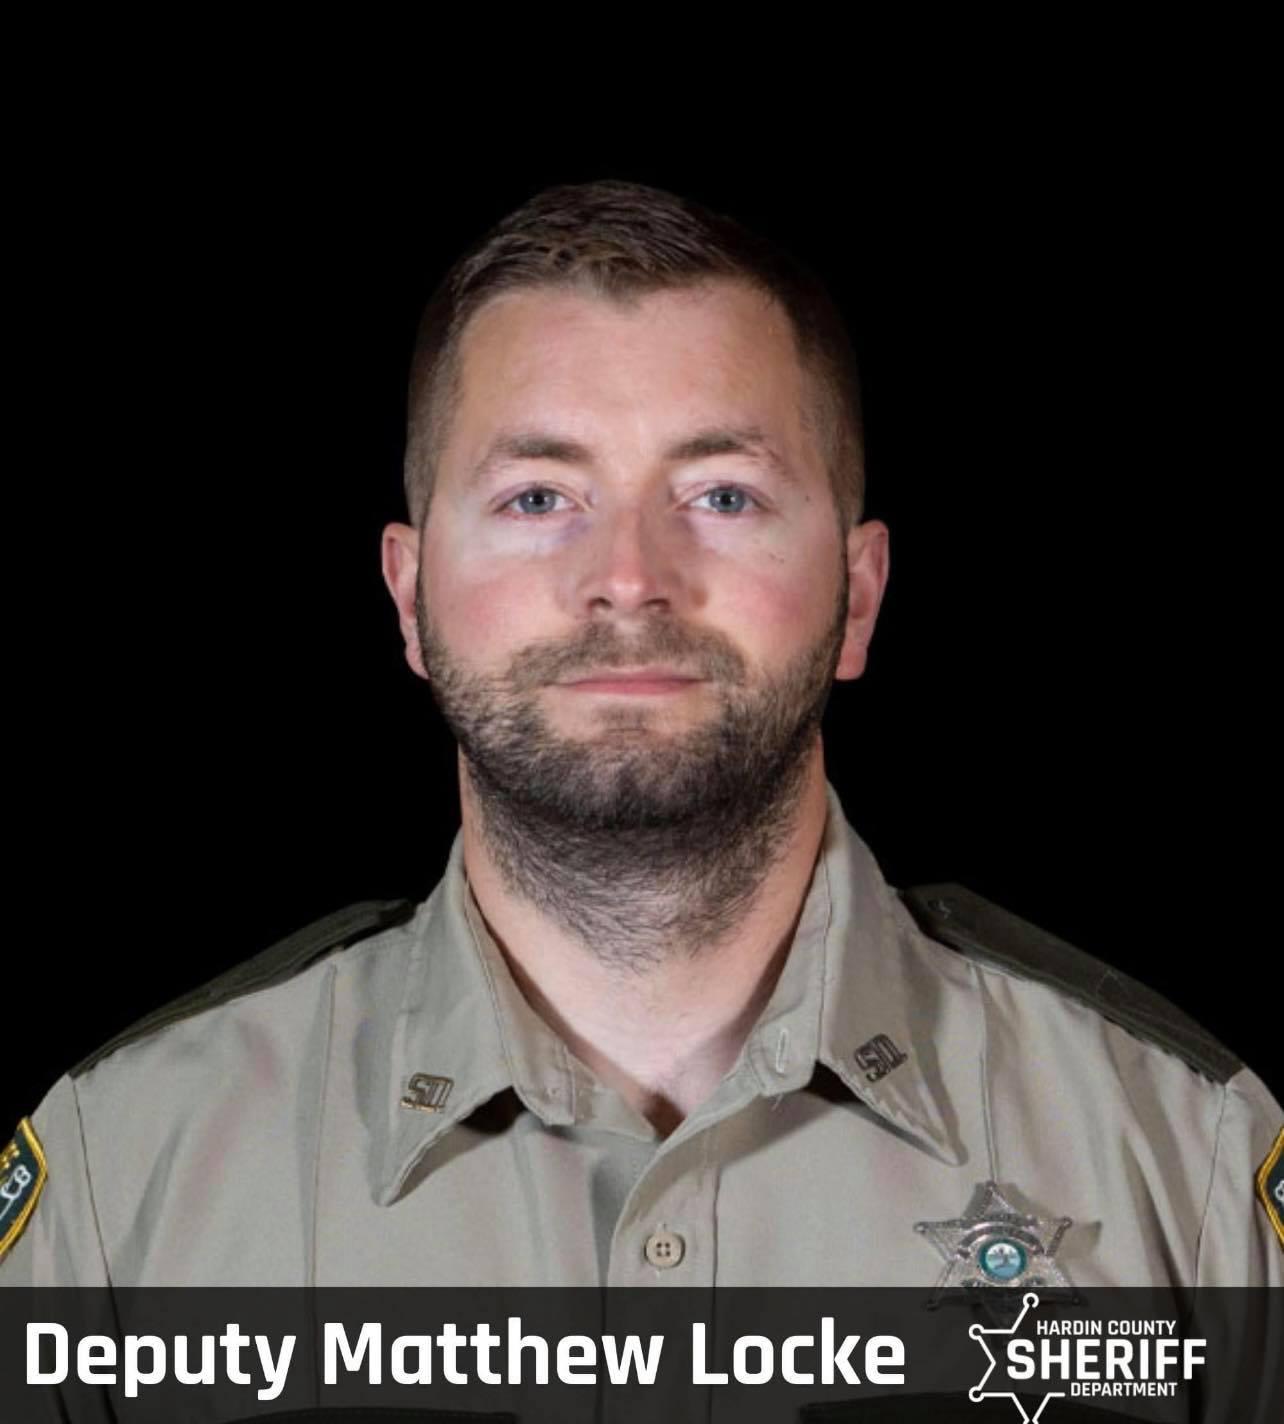 Deputy Sheriff Matthew Locke   Hardin County Sheriff's Department, Tennessee